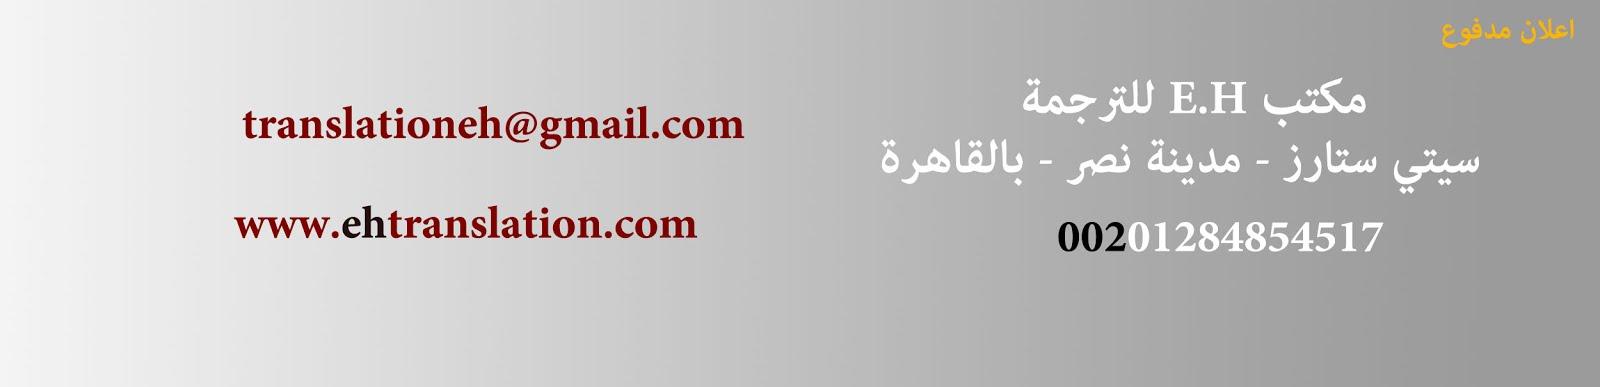 مكاتب ترجمة معتمدة في الوطن العربي